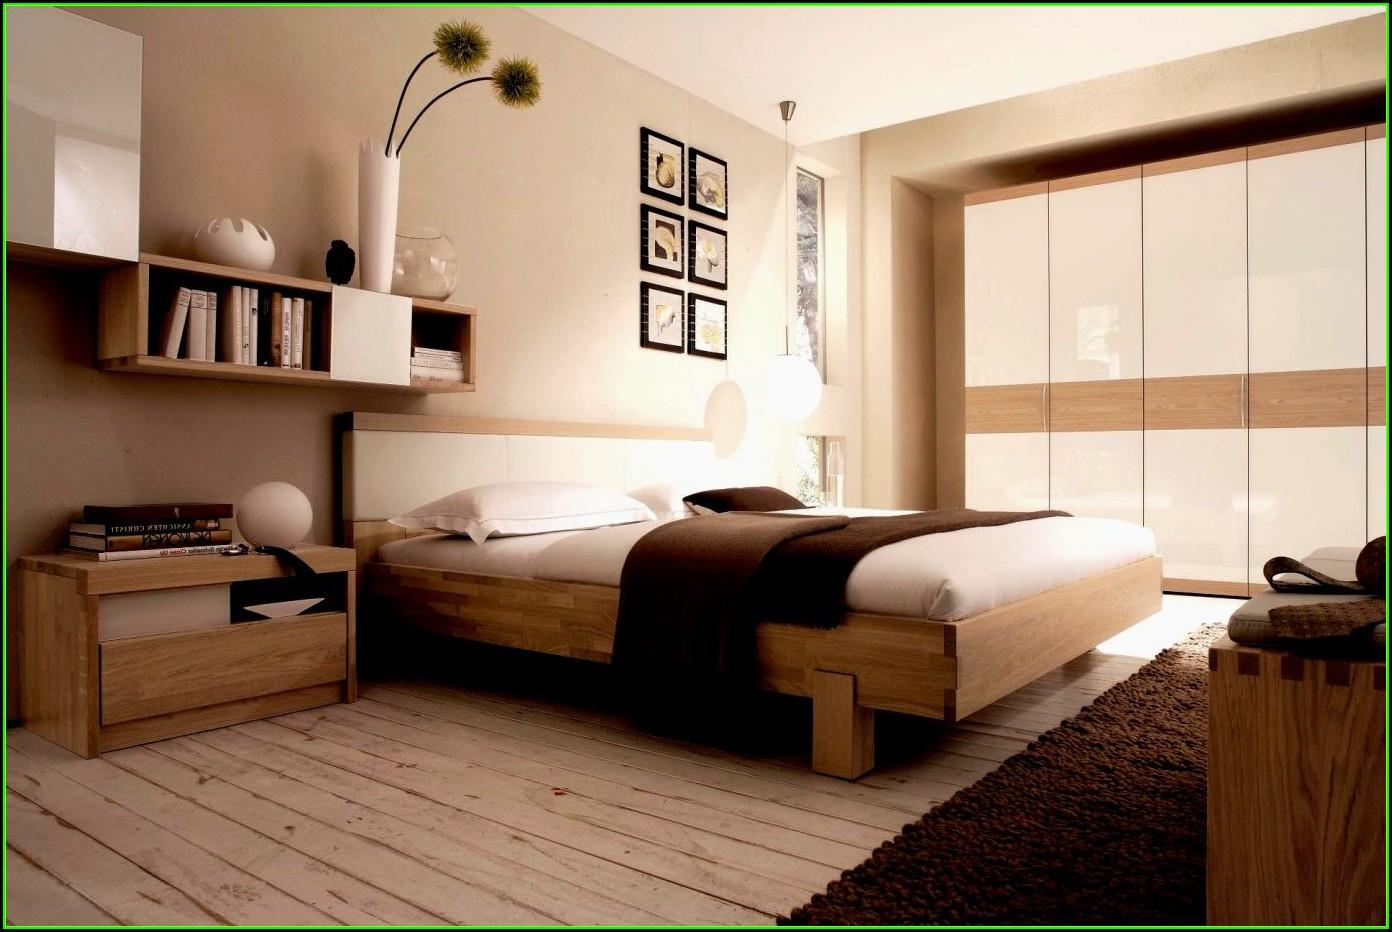 Schlafzimmer Inneneinrichtung Ideen